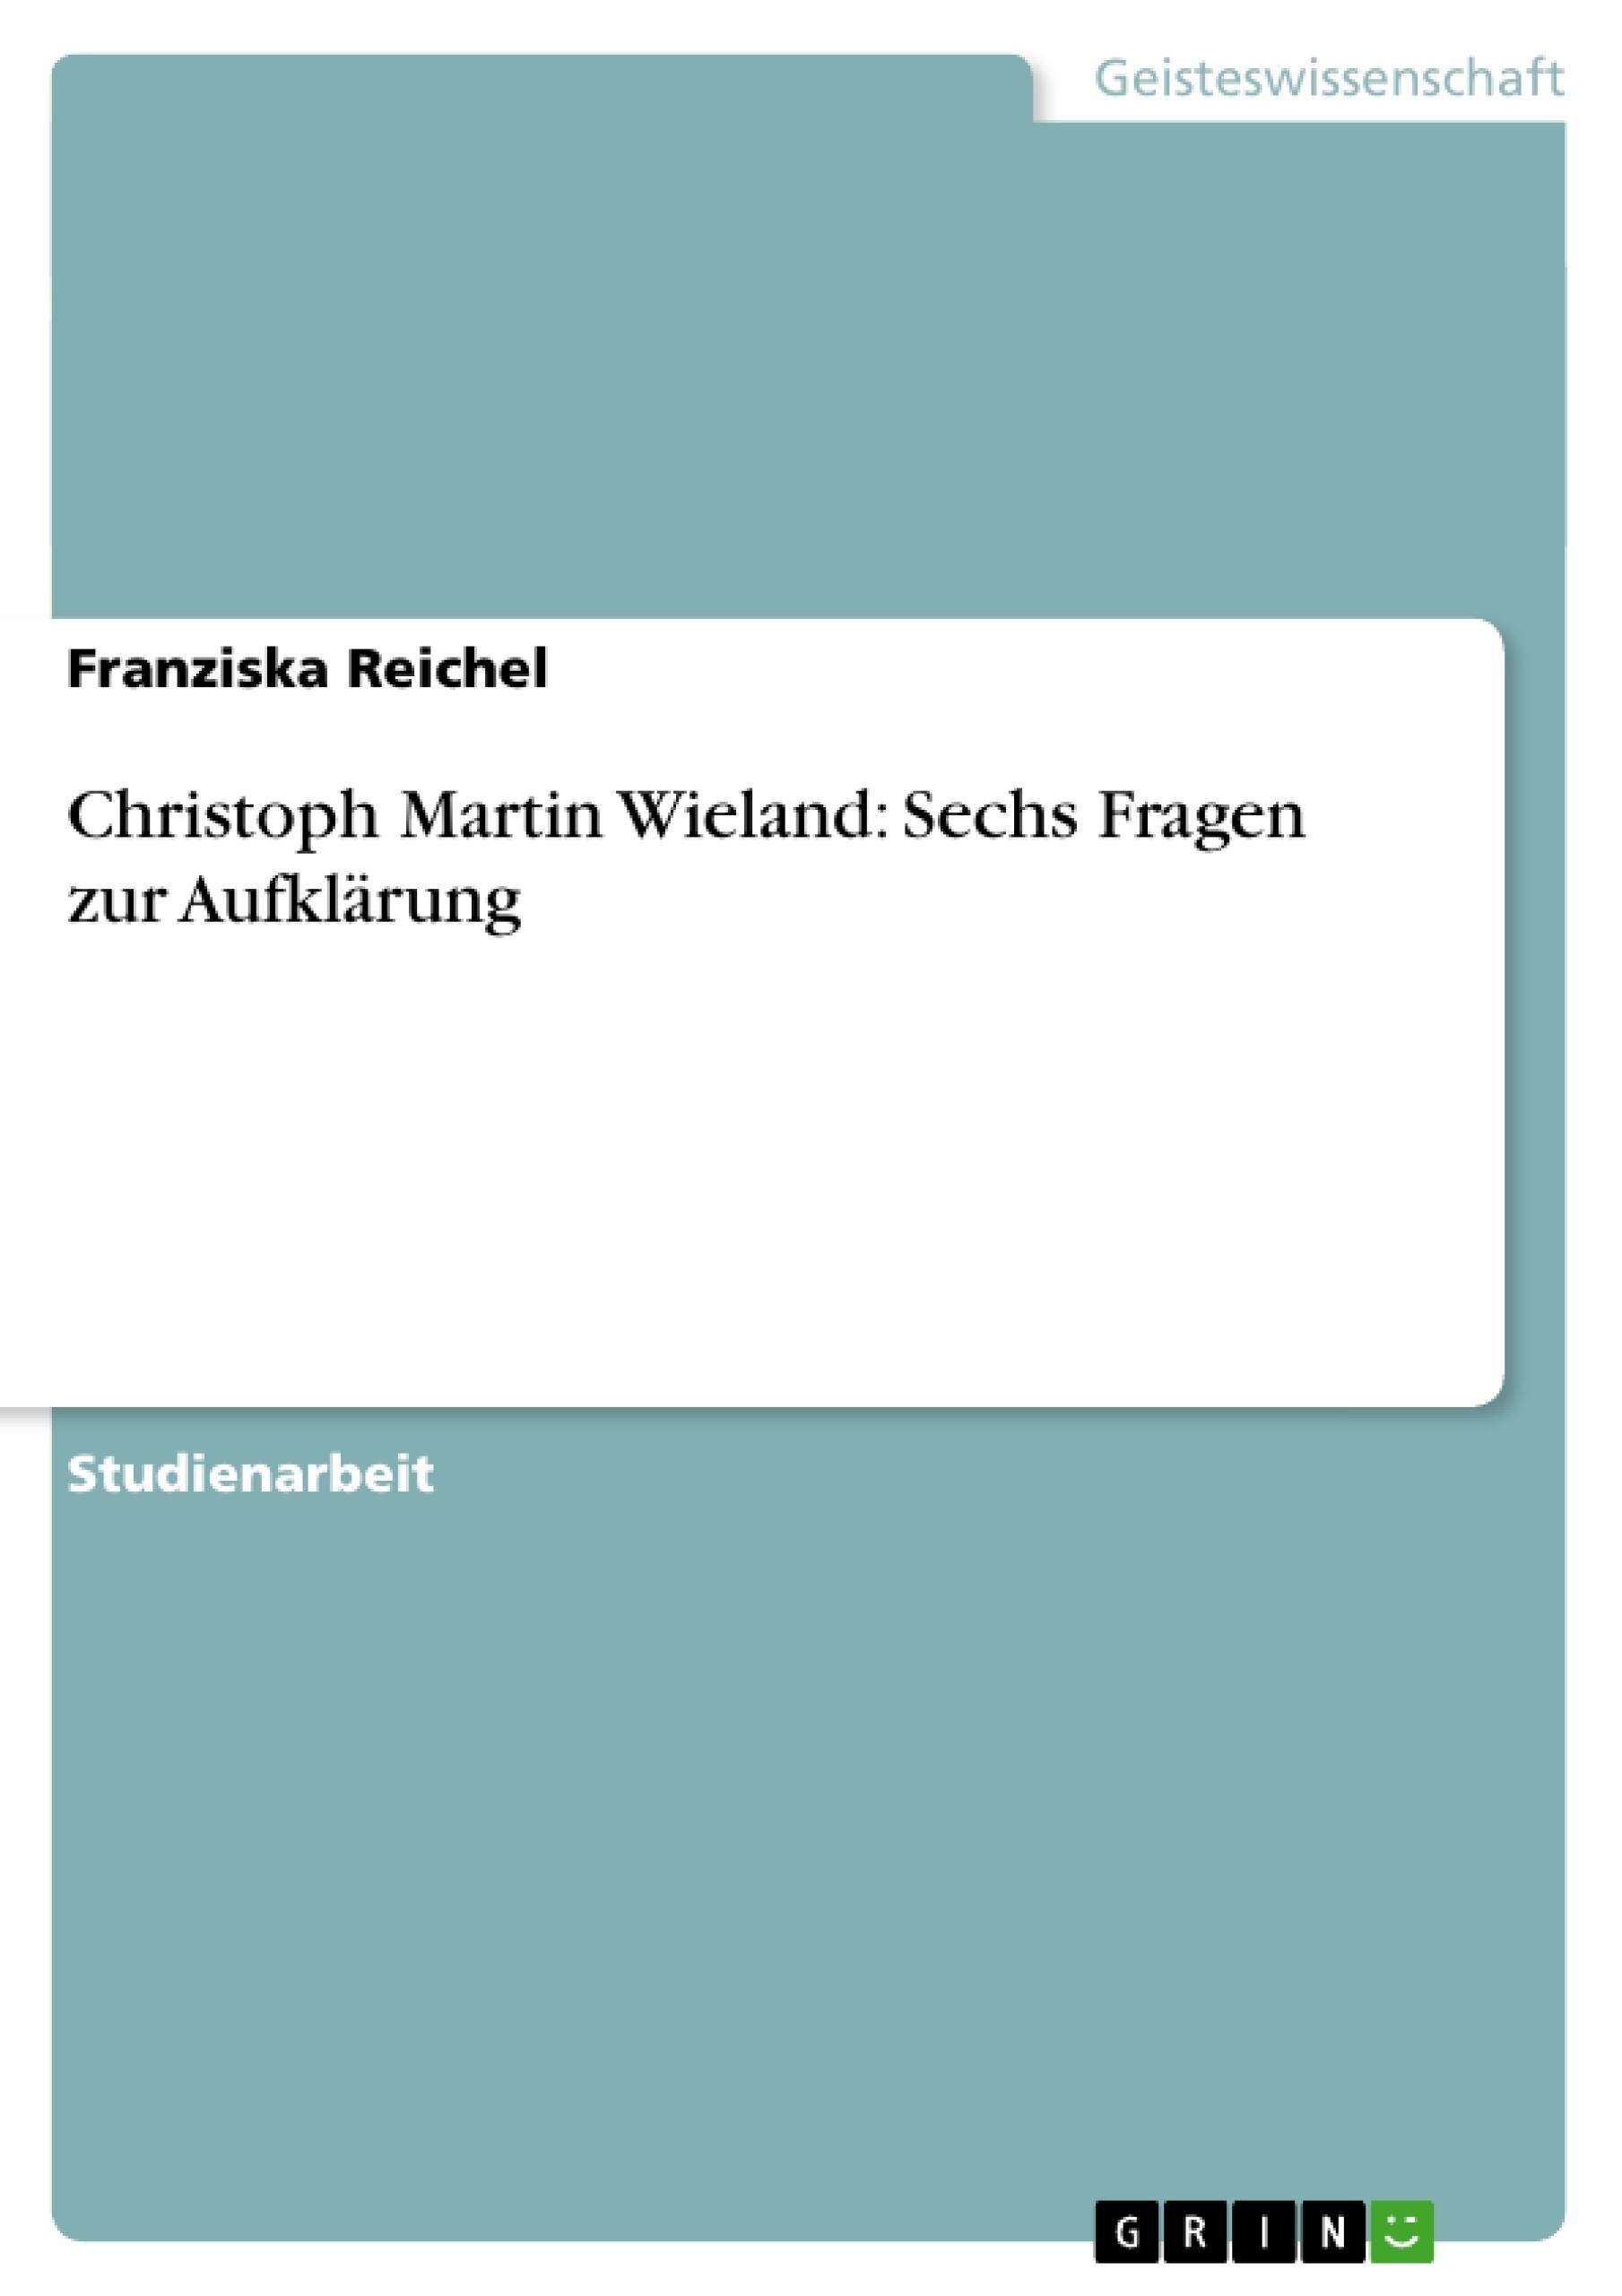 Titel: Christoph Martin Wieland: Sechs Fragen zur Aufklärung